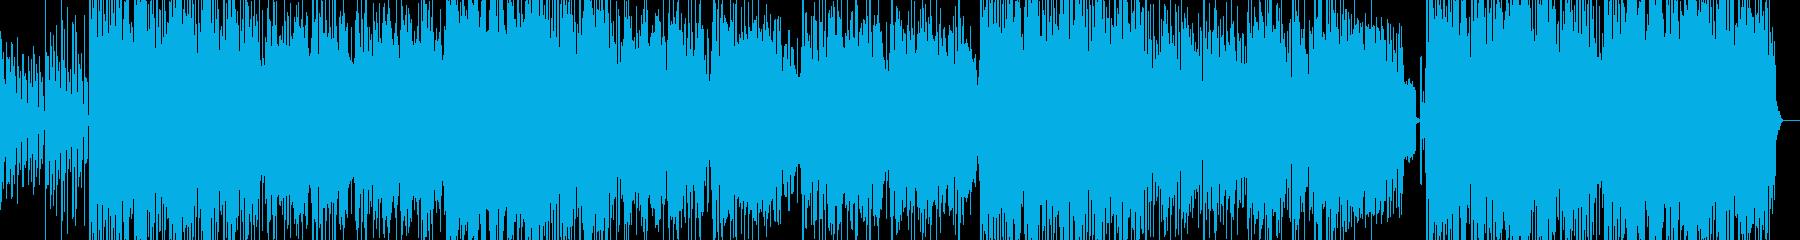 イタリアンポップの再生済みの波形